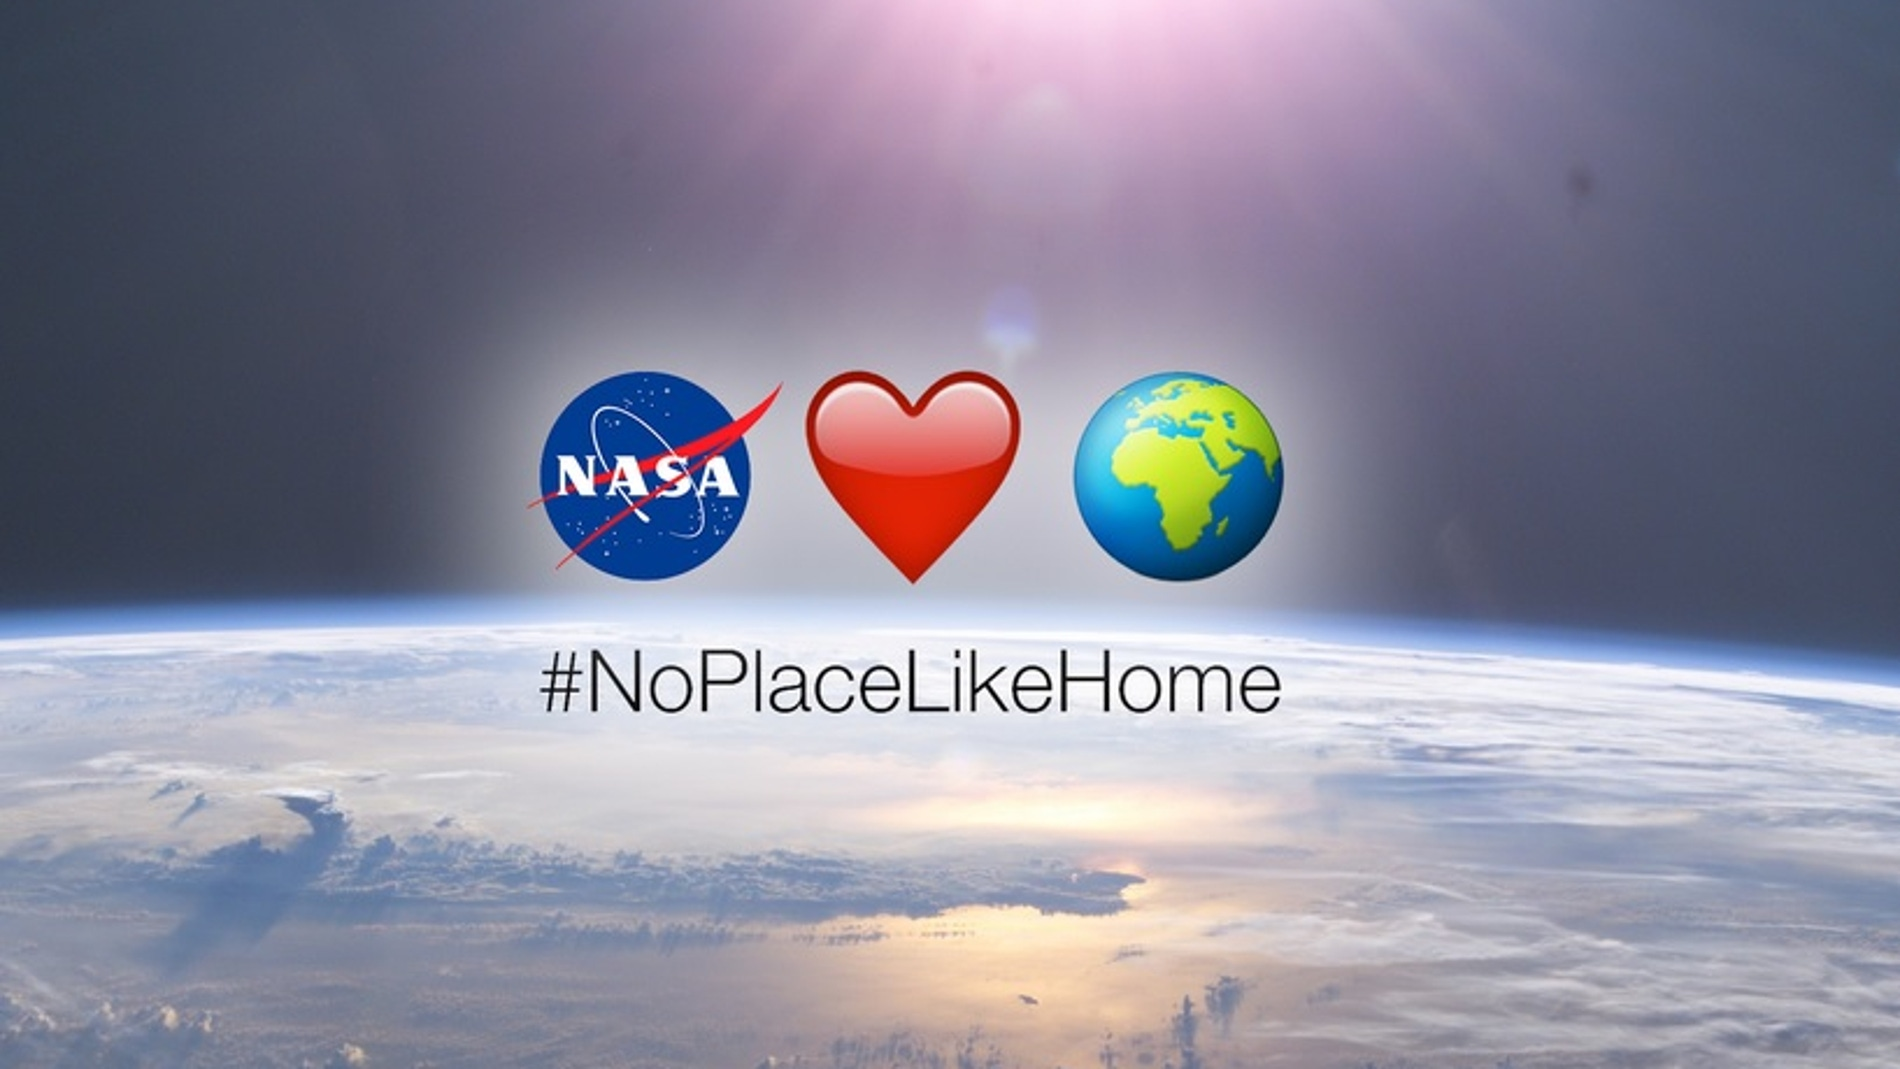 #NoPlaceLikeHome, campaña de la NASA